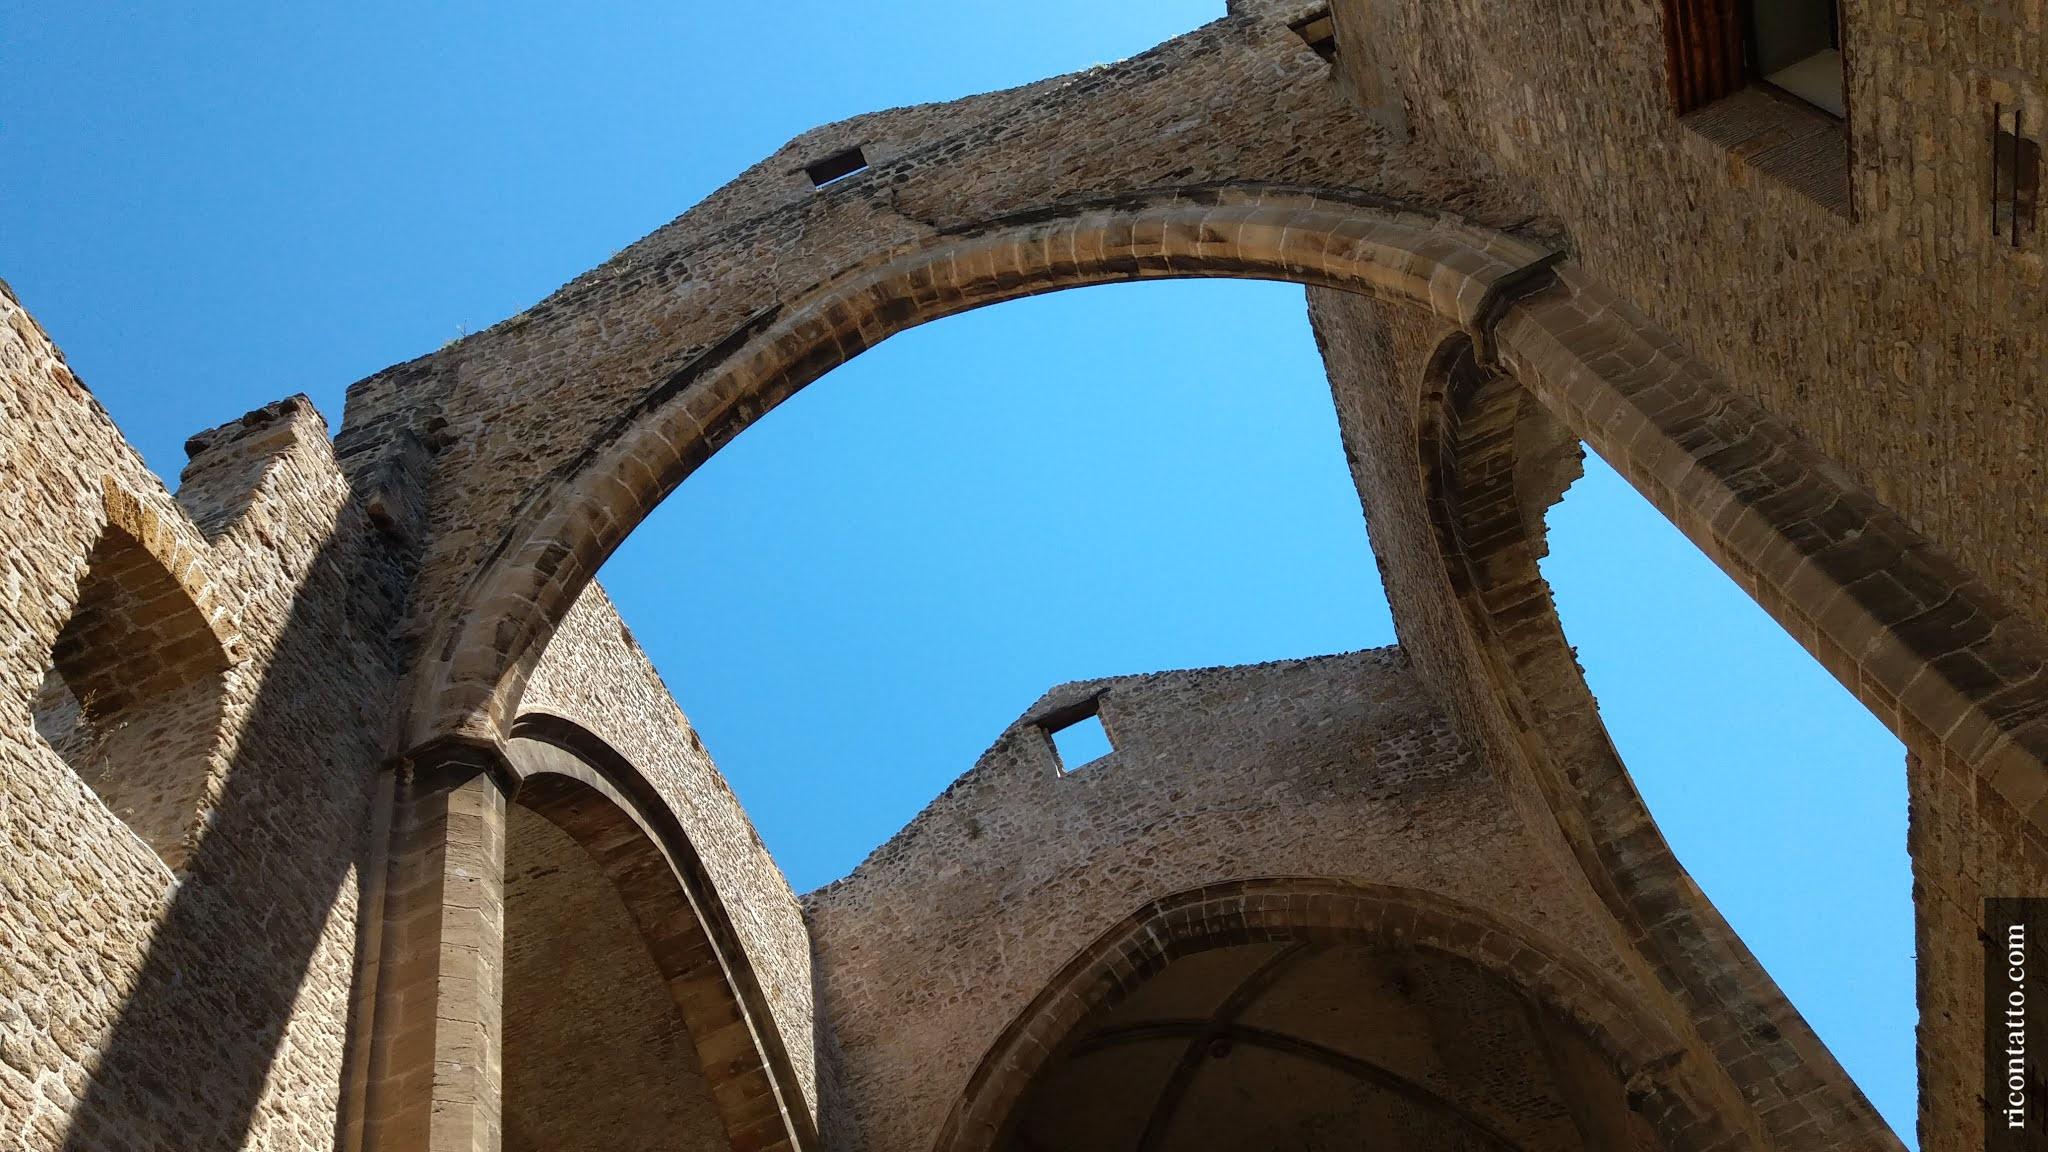 Palermo, Sicilia, Italy - Photo #08 by Ricontatto.com